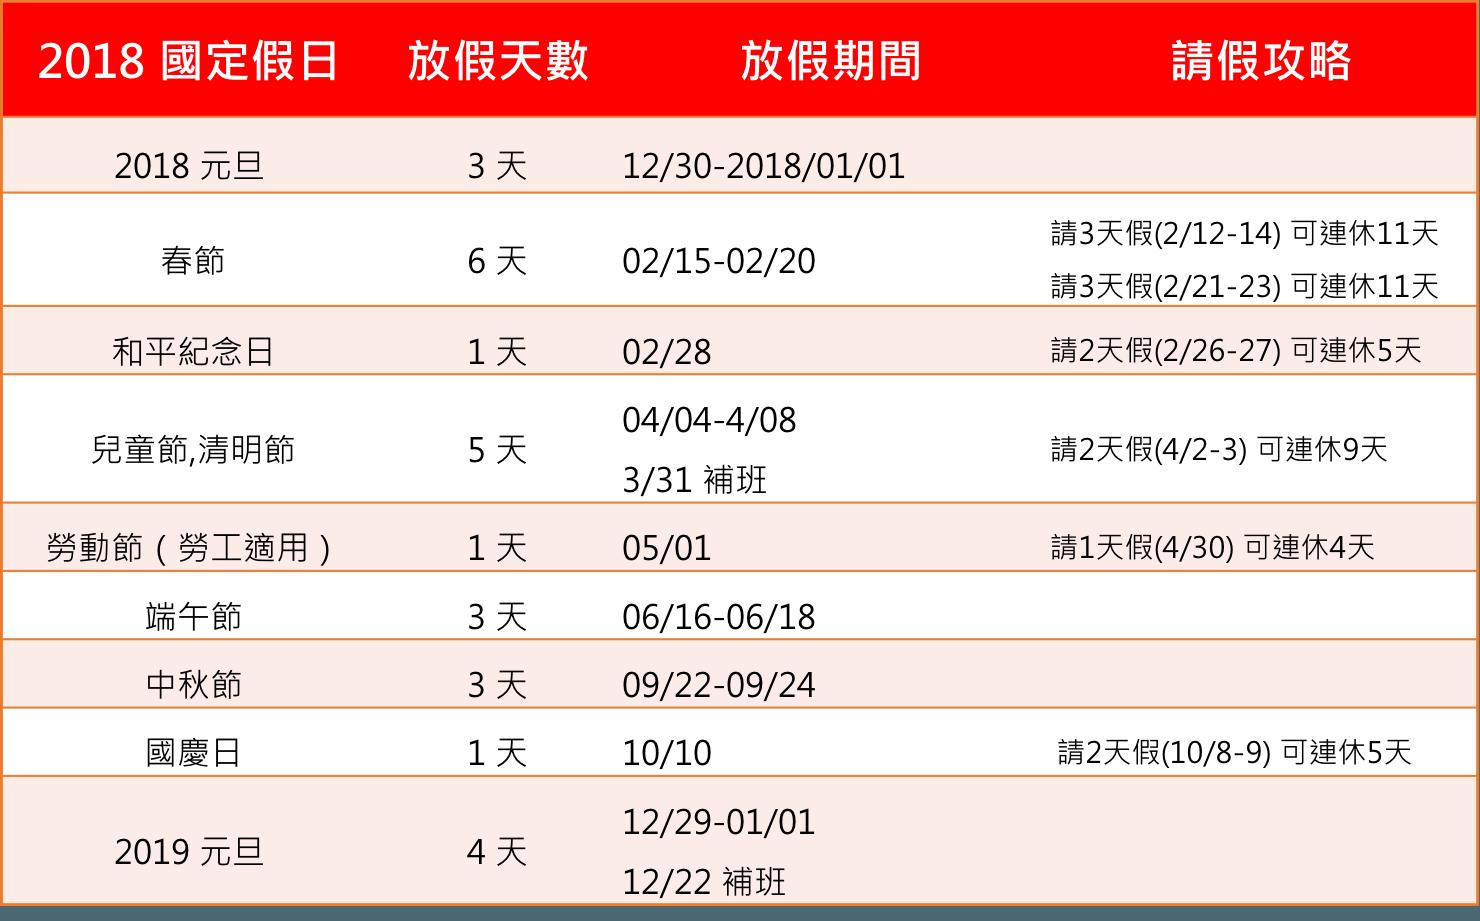 2018連假表